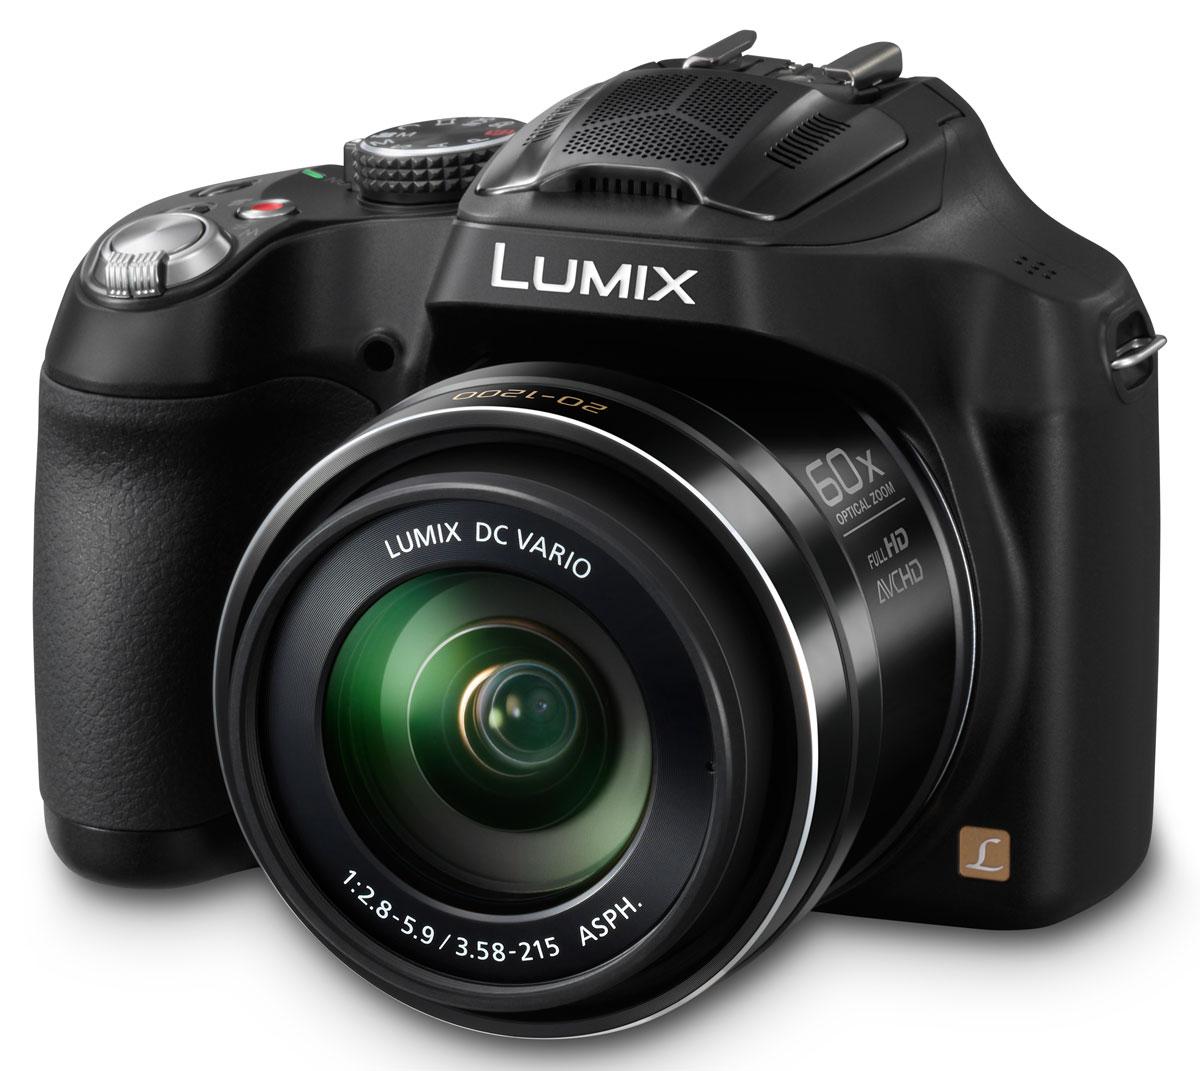 Panasonic Lumix DMC-FZ72 Black цифровая фотокамераDMC-FZ72EE-KЦифровая фотокамера PAnasonic Lumix DMC-FZ72 предлагает мощный оптический зум и широкие возможности ручного управления. Фотоаппарат оснащен универсальным широкоугольным объективом Lumix DC Vario с фокусным расстоянием 20 мм и 60х оптическим зумом (20—1200 мм в эквиваленте 35 мм камеры), который прекрасно подходит как для съемки пейзажей, так и, например, диких животных и птиц с большого расстояния. Широкоугольный объектив с 60х оптическим зумом и оптической стабилизацией изображения POWER O.I.S.: Фотоаппарат DMC-FZ72 оснащен универсальным широкоугольным объективом Lumix DC Vario с фокусным расстоянием 20 мм и 60х оптическим зумом (20—1200 мм в эквиваленте 35 мм камеры). Конструкция объектива включает 14 элементов, объединенных в 12 групп, в том числе 3 линзы со сверхнизкой дисперсией и 6 асферических линз с 9 асферическими поверхностями — такое решение позволило добиться невероятной компактности корпуса при высочайшем качестве изображения. Функция Интеллектуальный...